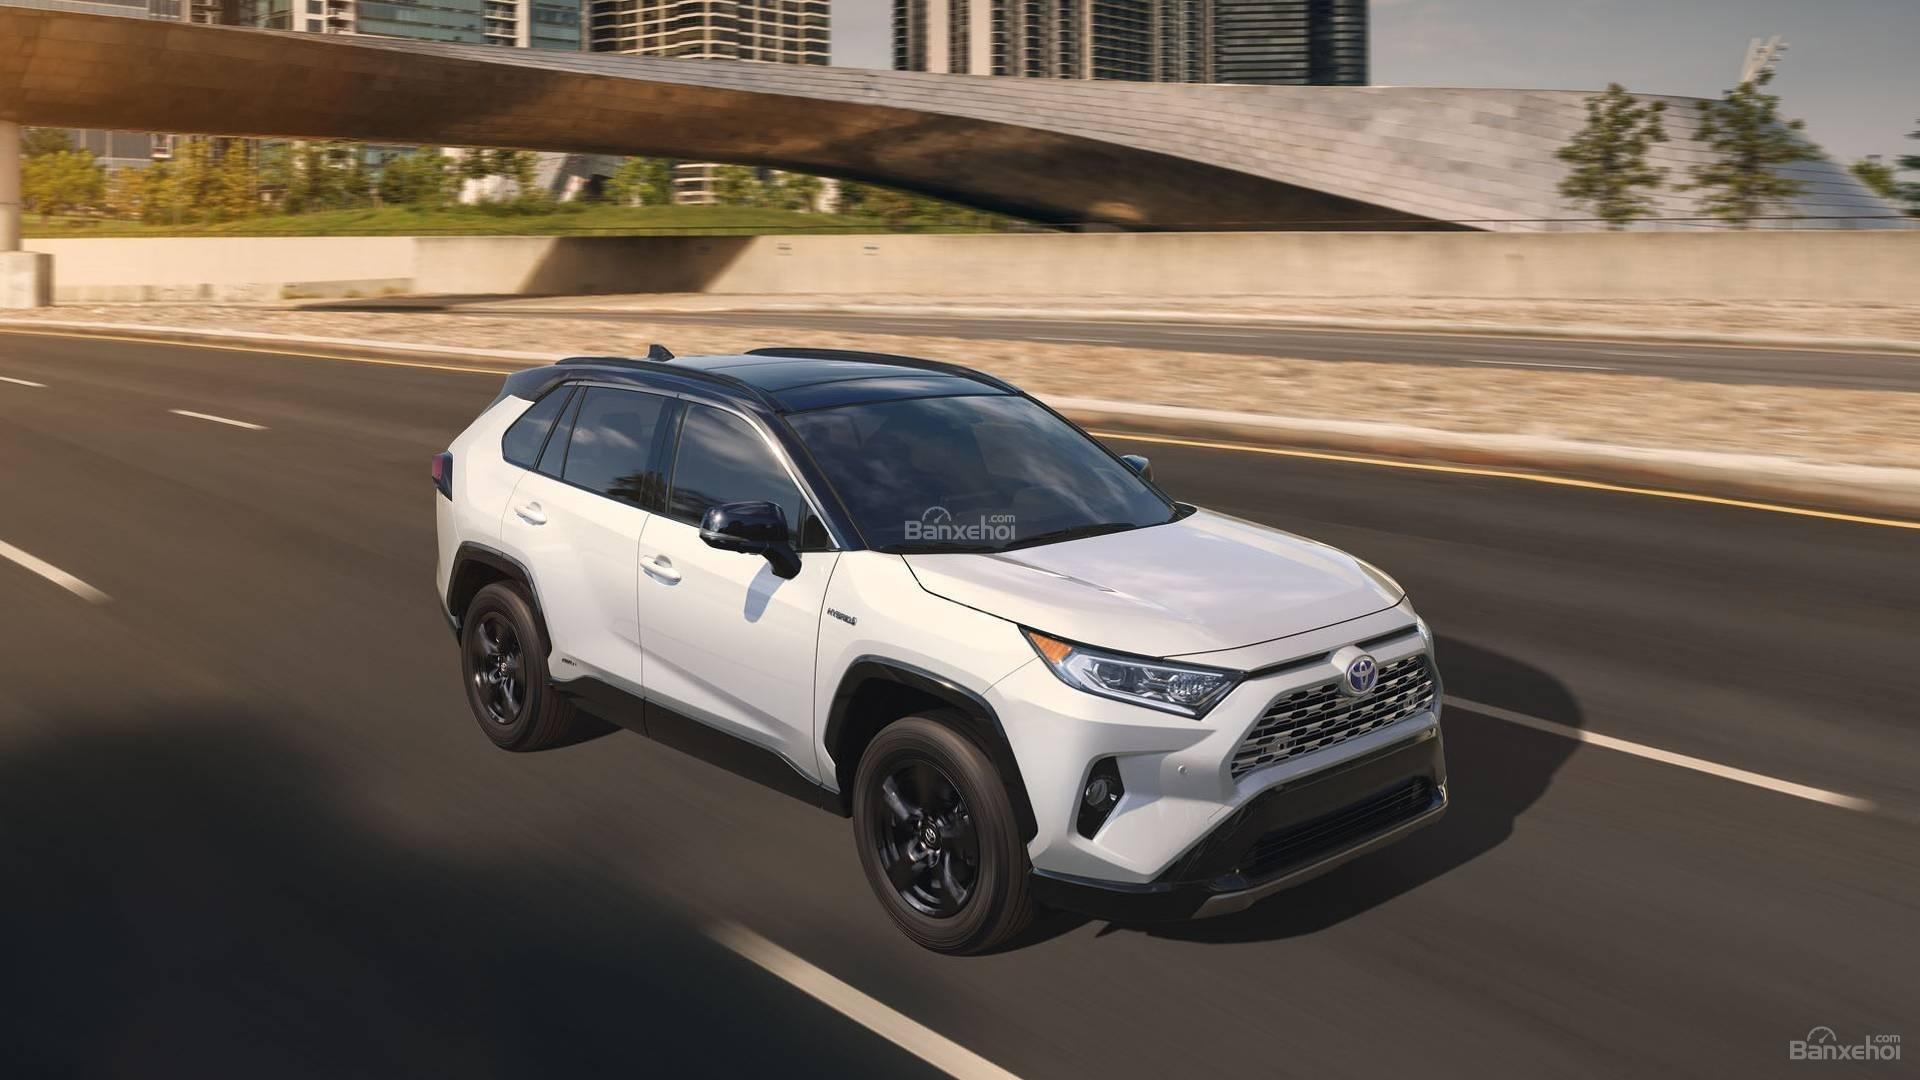 Đánh giá xe Toyota RAV4 2019 về trải nghiệm lái: nhẹ nhàng và thanh thoát 2